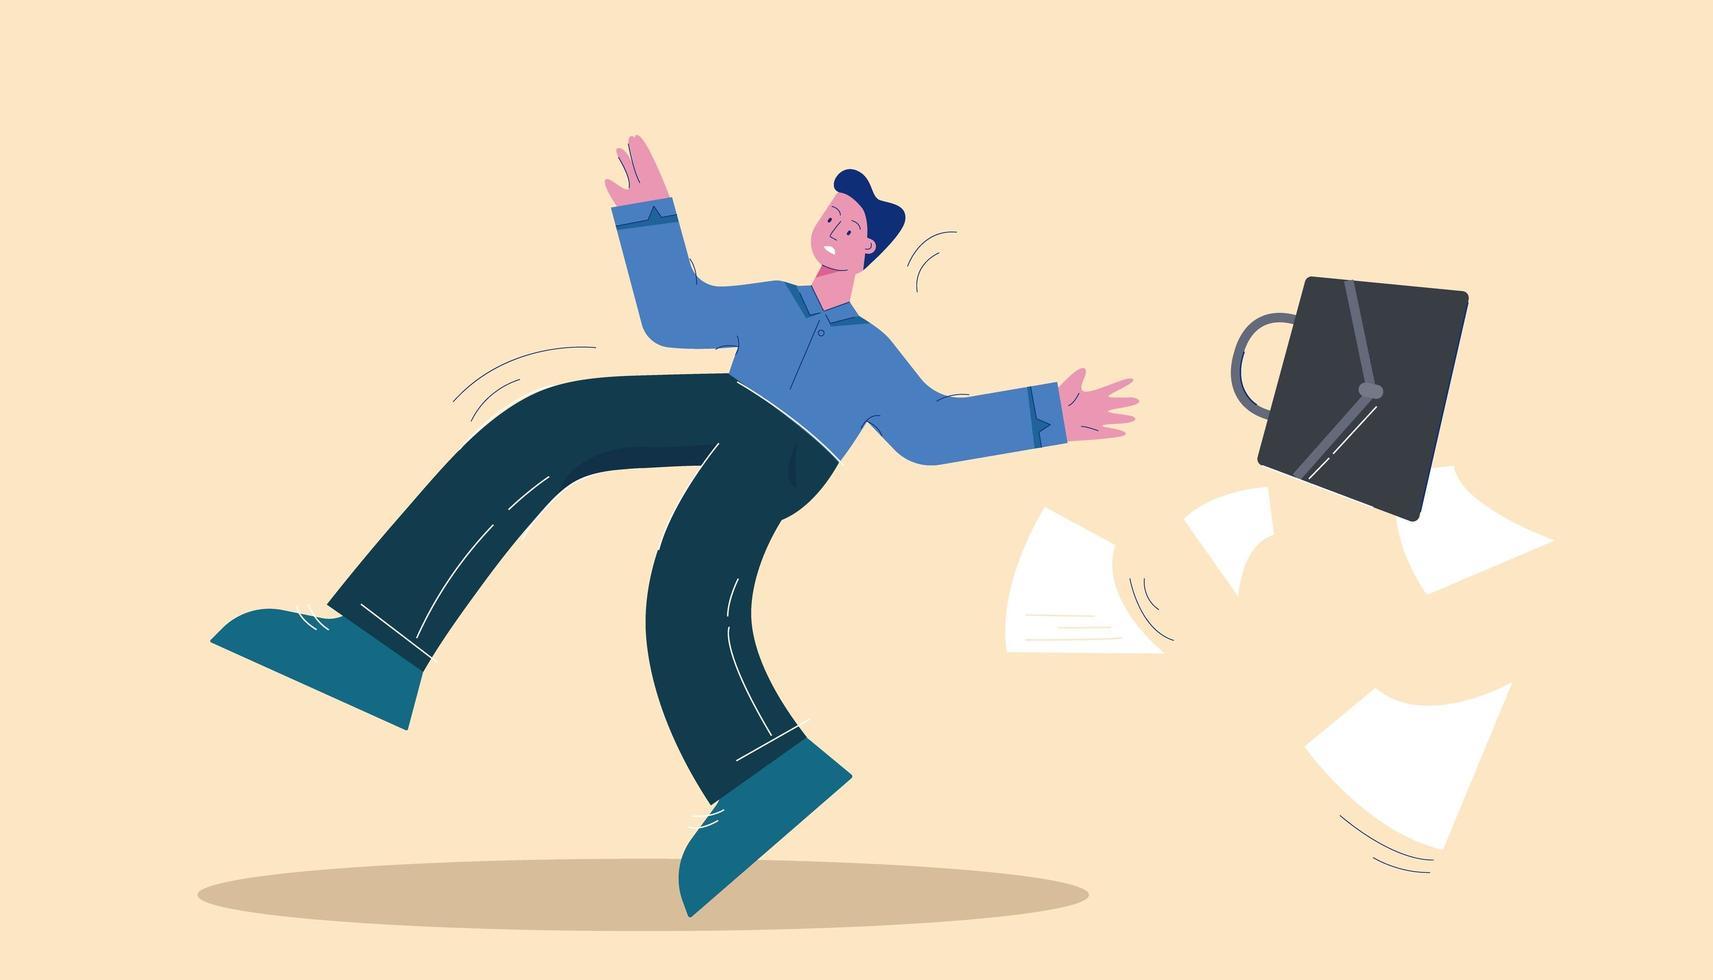 homem de negócios escorregou caindo com maleta vetor